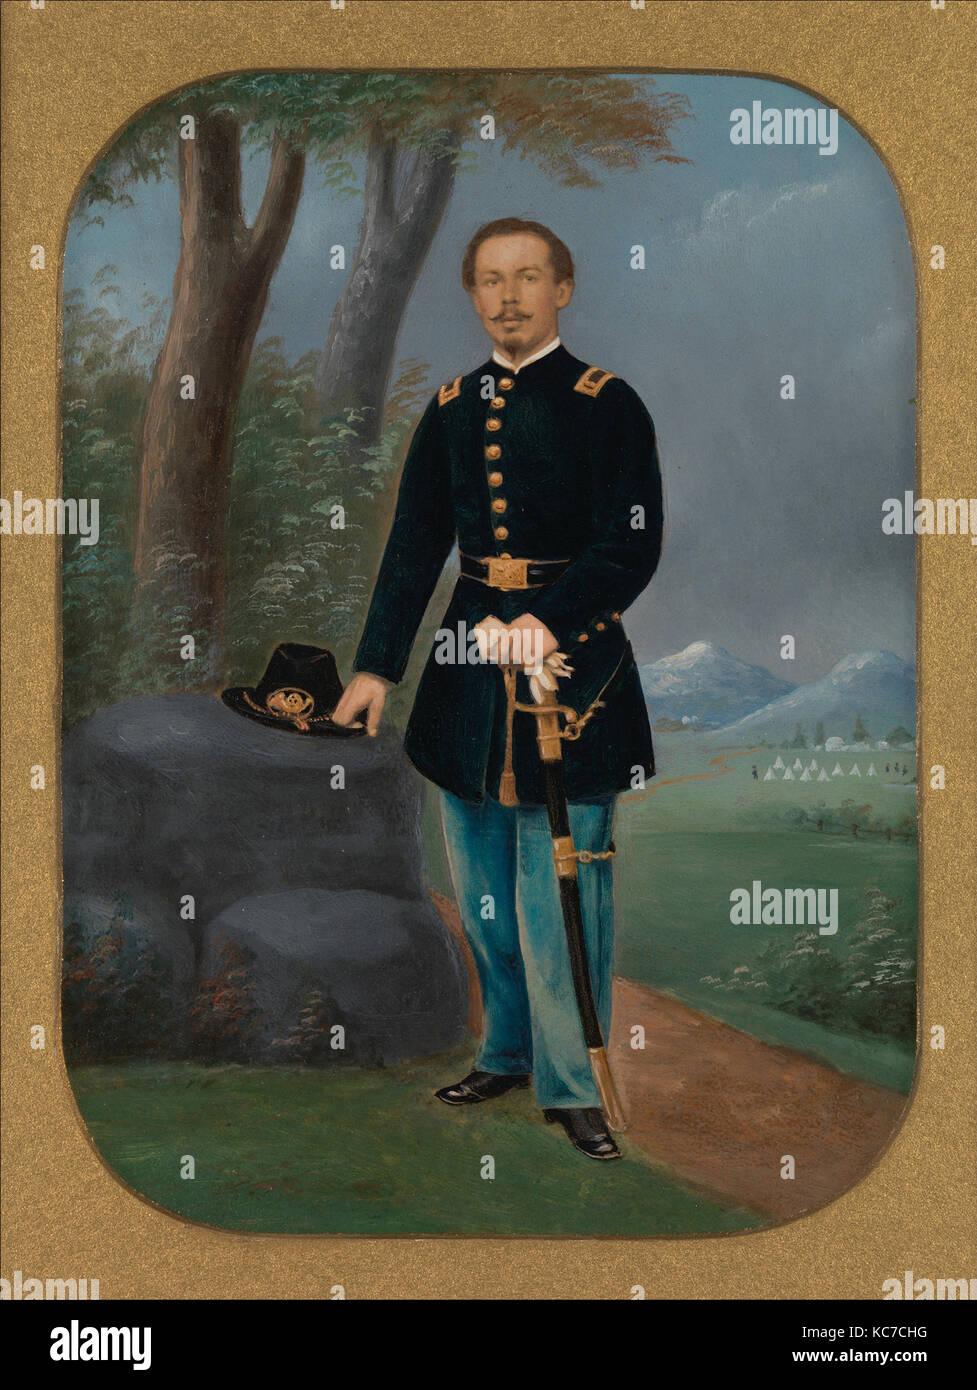 Union Offizier in der Armee, 1861-65, Eiweiß silber Drucken aus Glas negativ mit der angewandten Farbe, Bild: Stockbild